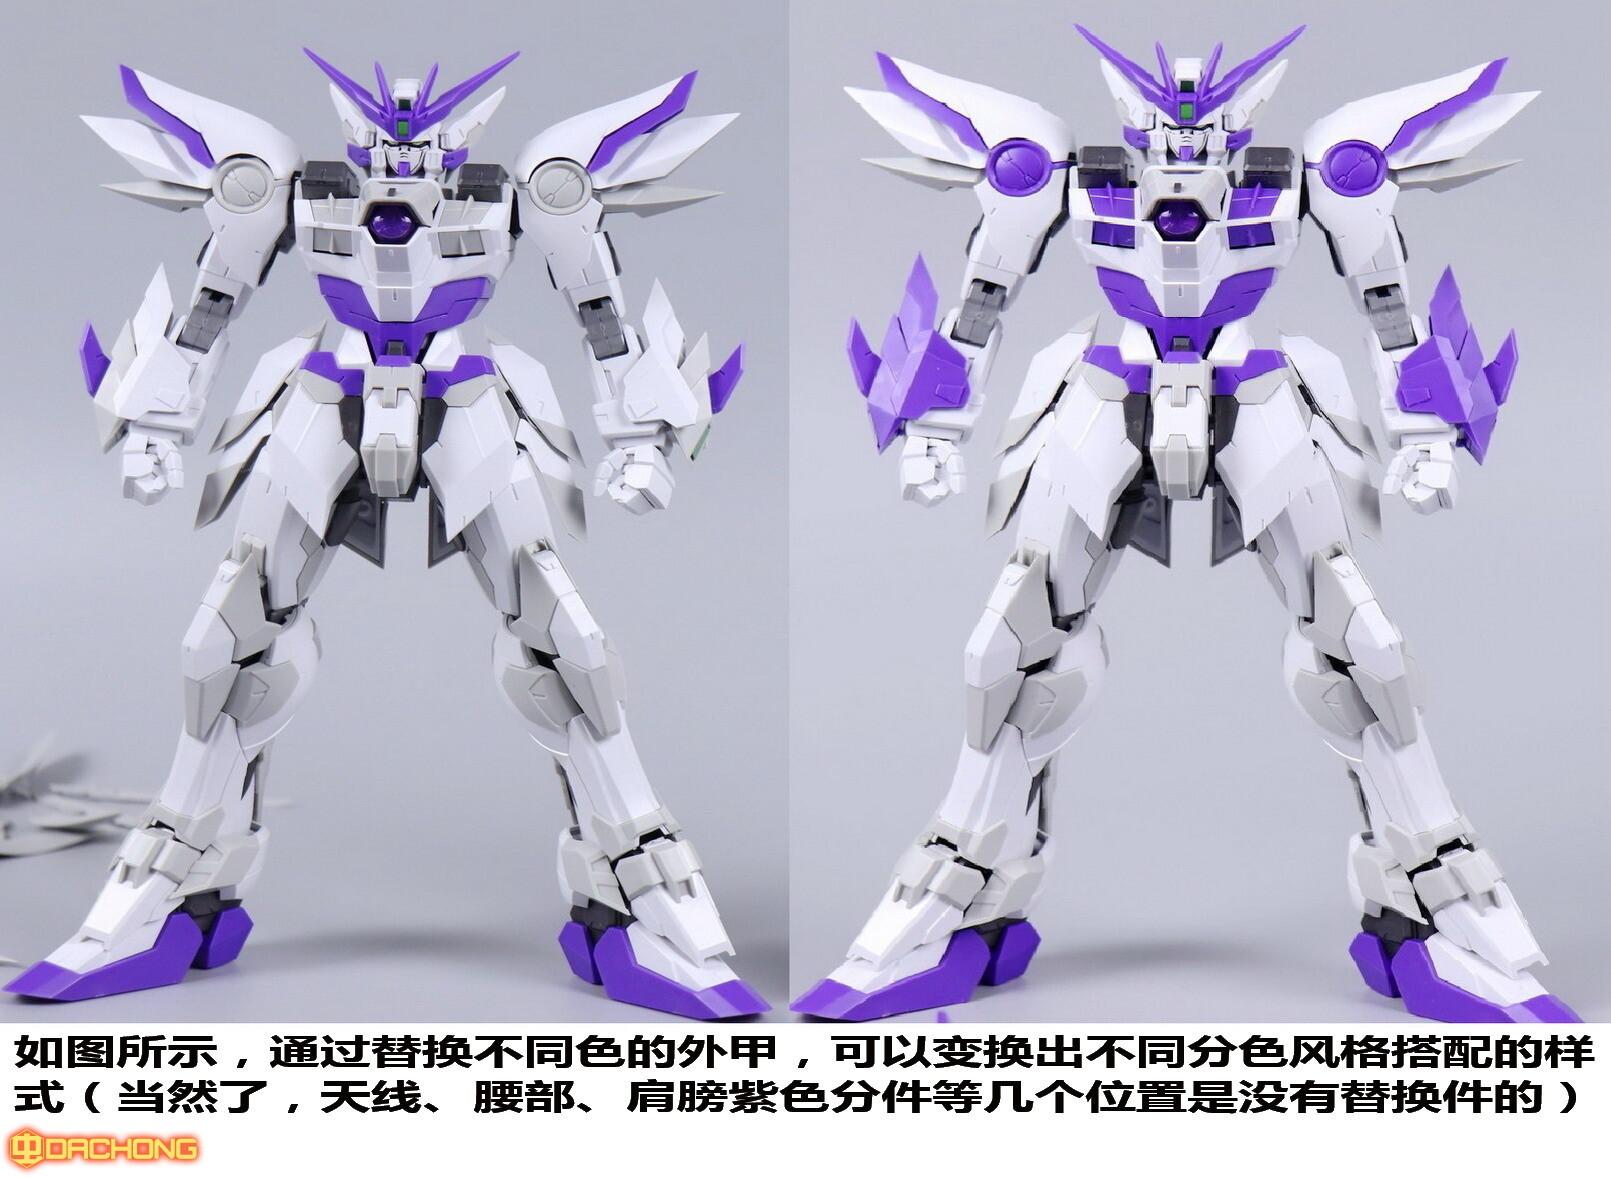 S598_SUPER_NOVA_WING_ZERO2_006.jpg